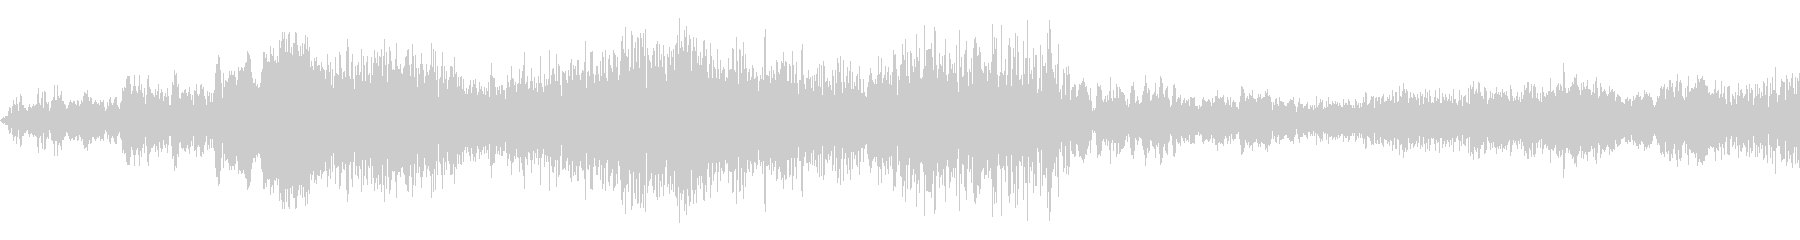 シャープなノイズ遷移の未再生の波形